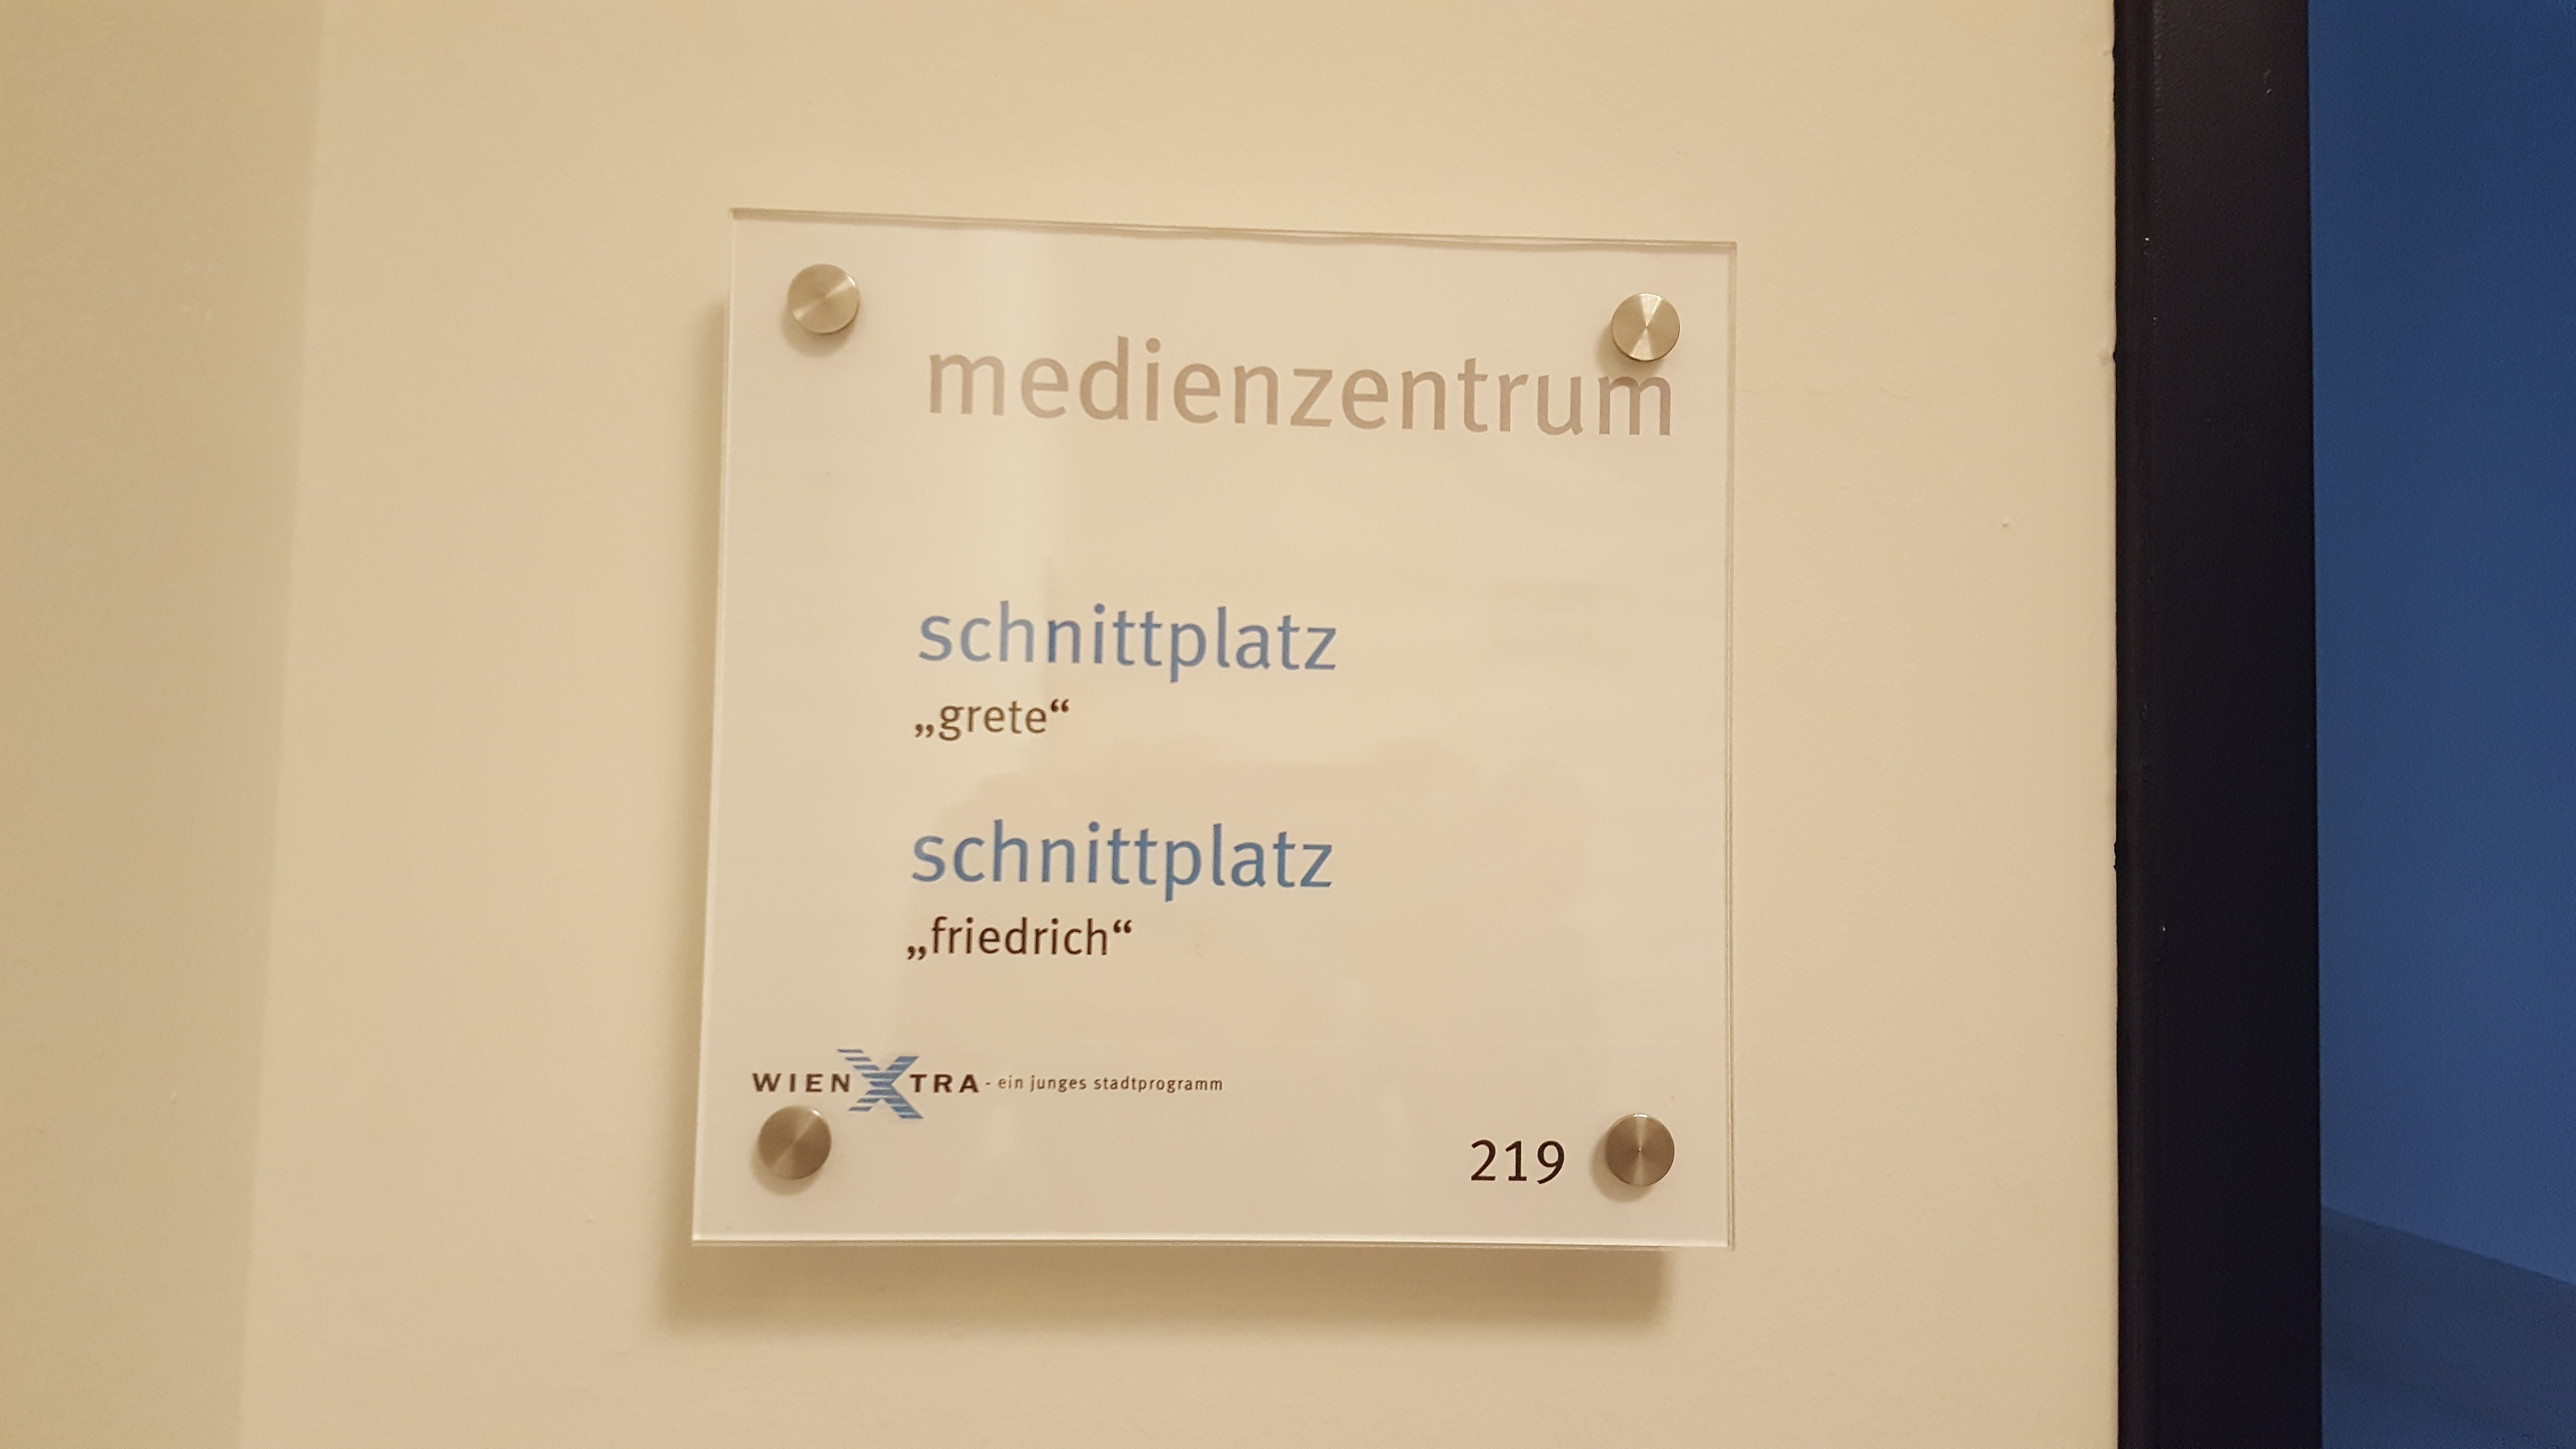 Schnittplatz